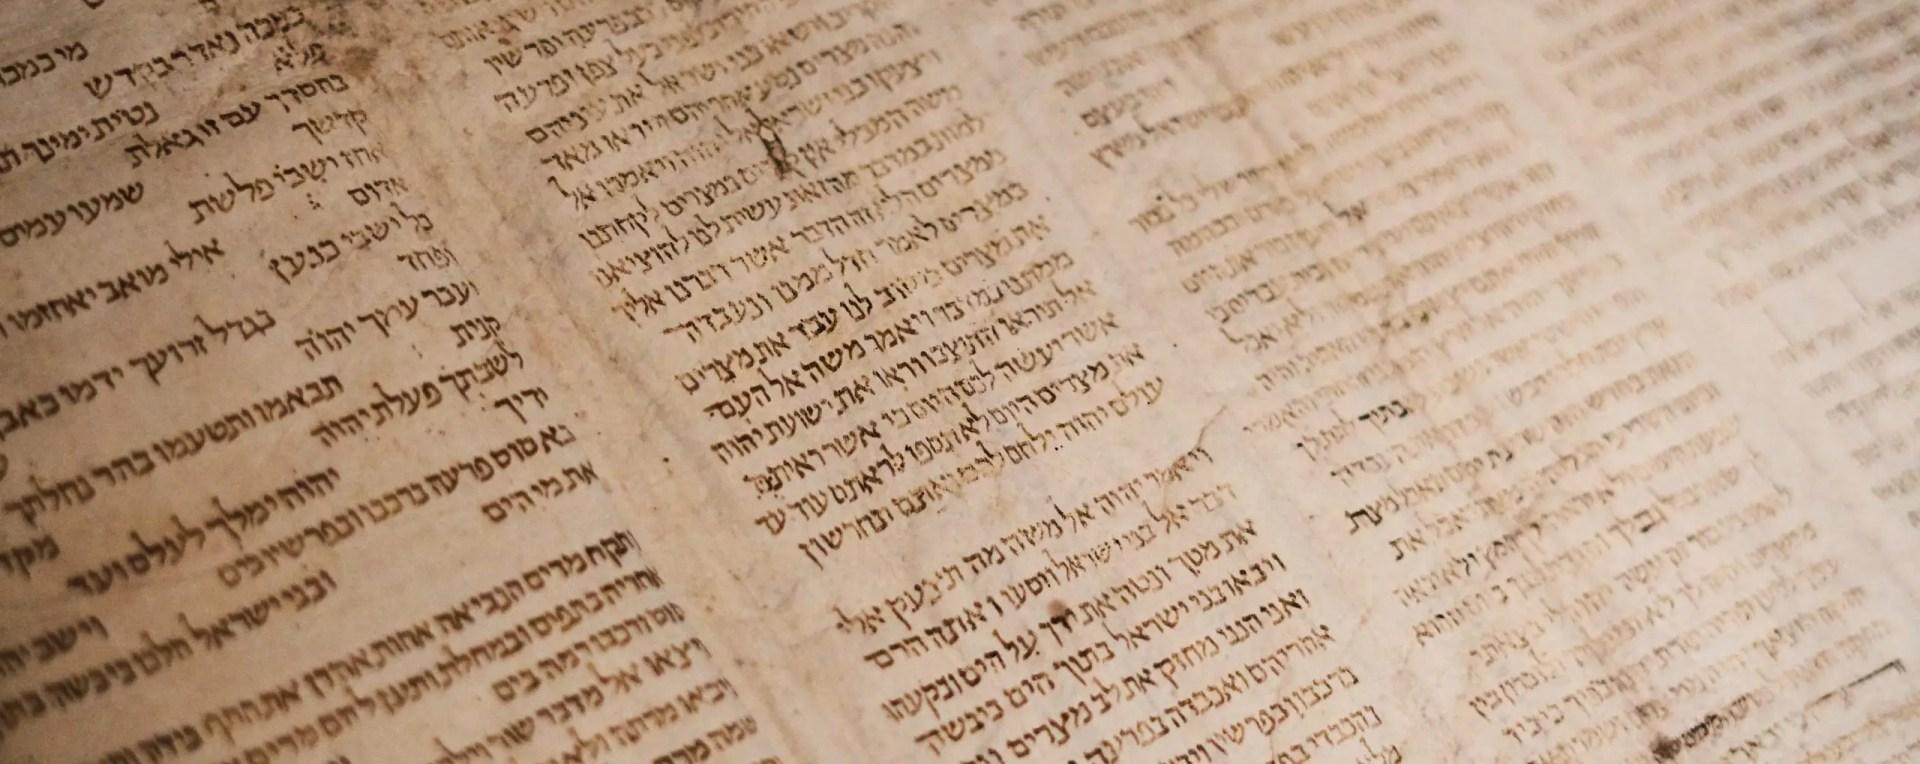 Il-fidi u ċ-ċiniċiżmu ma jmorrux flimkien! (Lq 20:27-38)